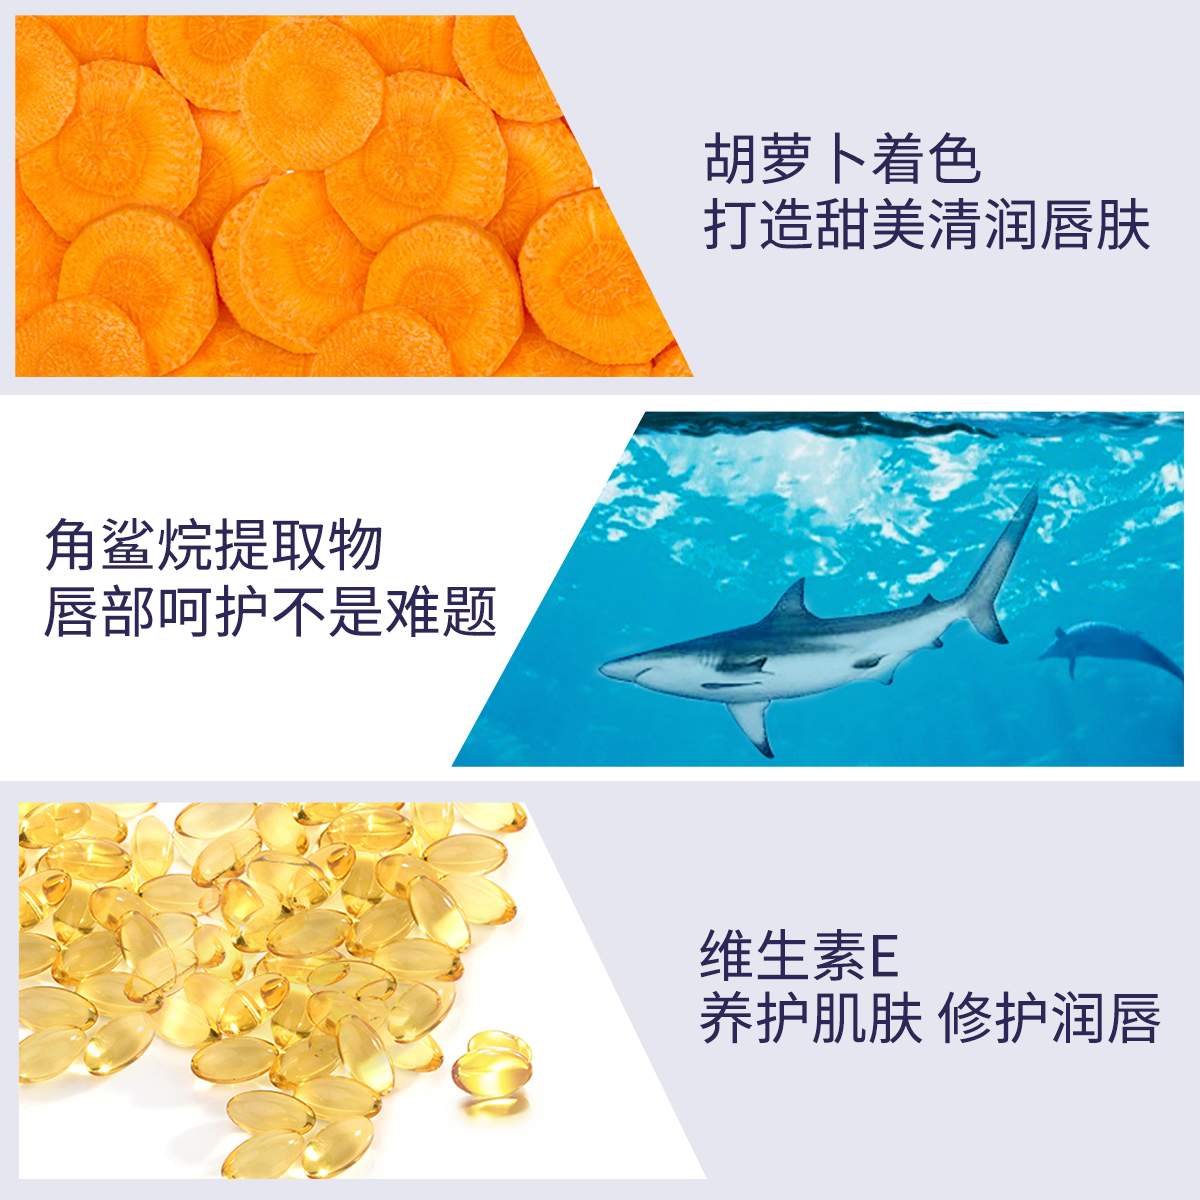 蝶芙兰胡萝卜素健康口红变色唇膏孕期可用彩妆保湿滋润型口红